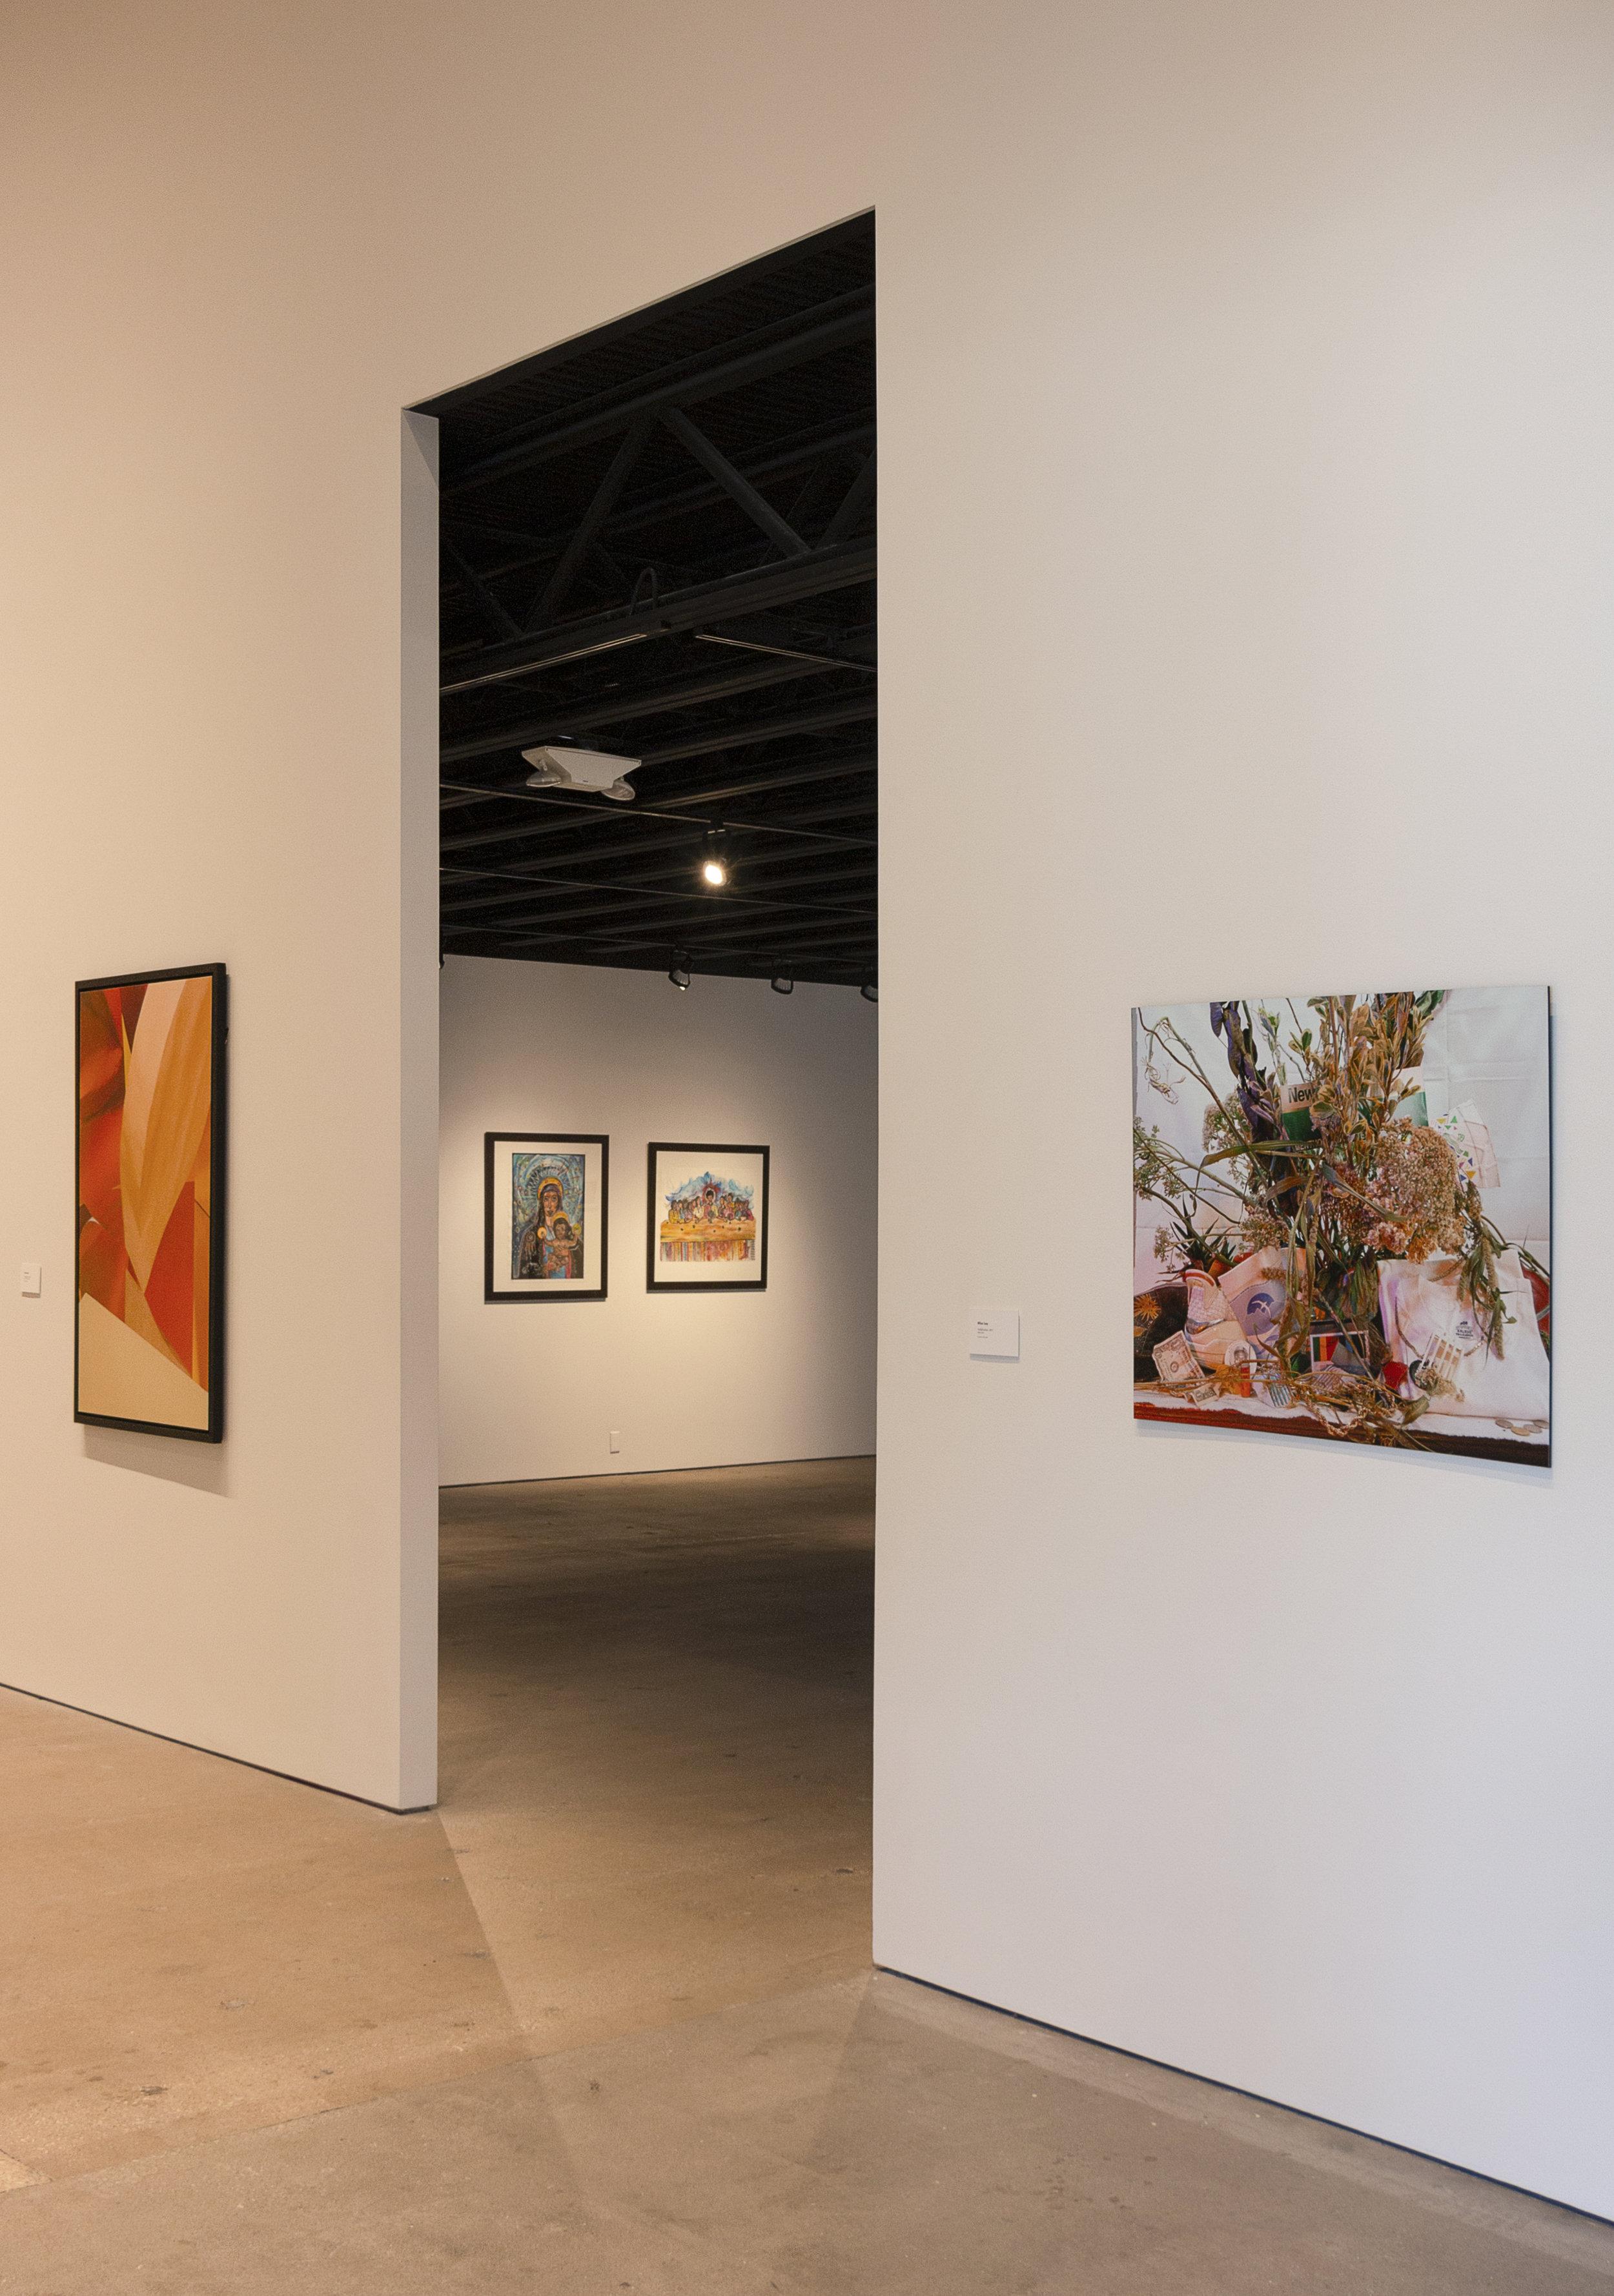 HR Block Artspace_Exhibition_Now Here_Install_5.jpg